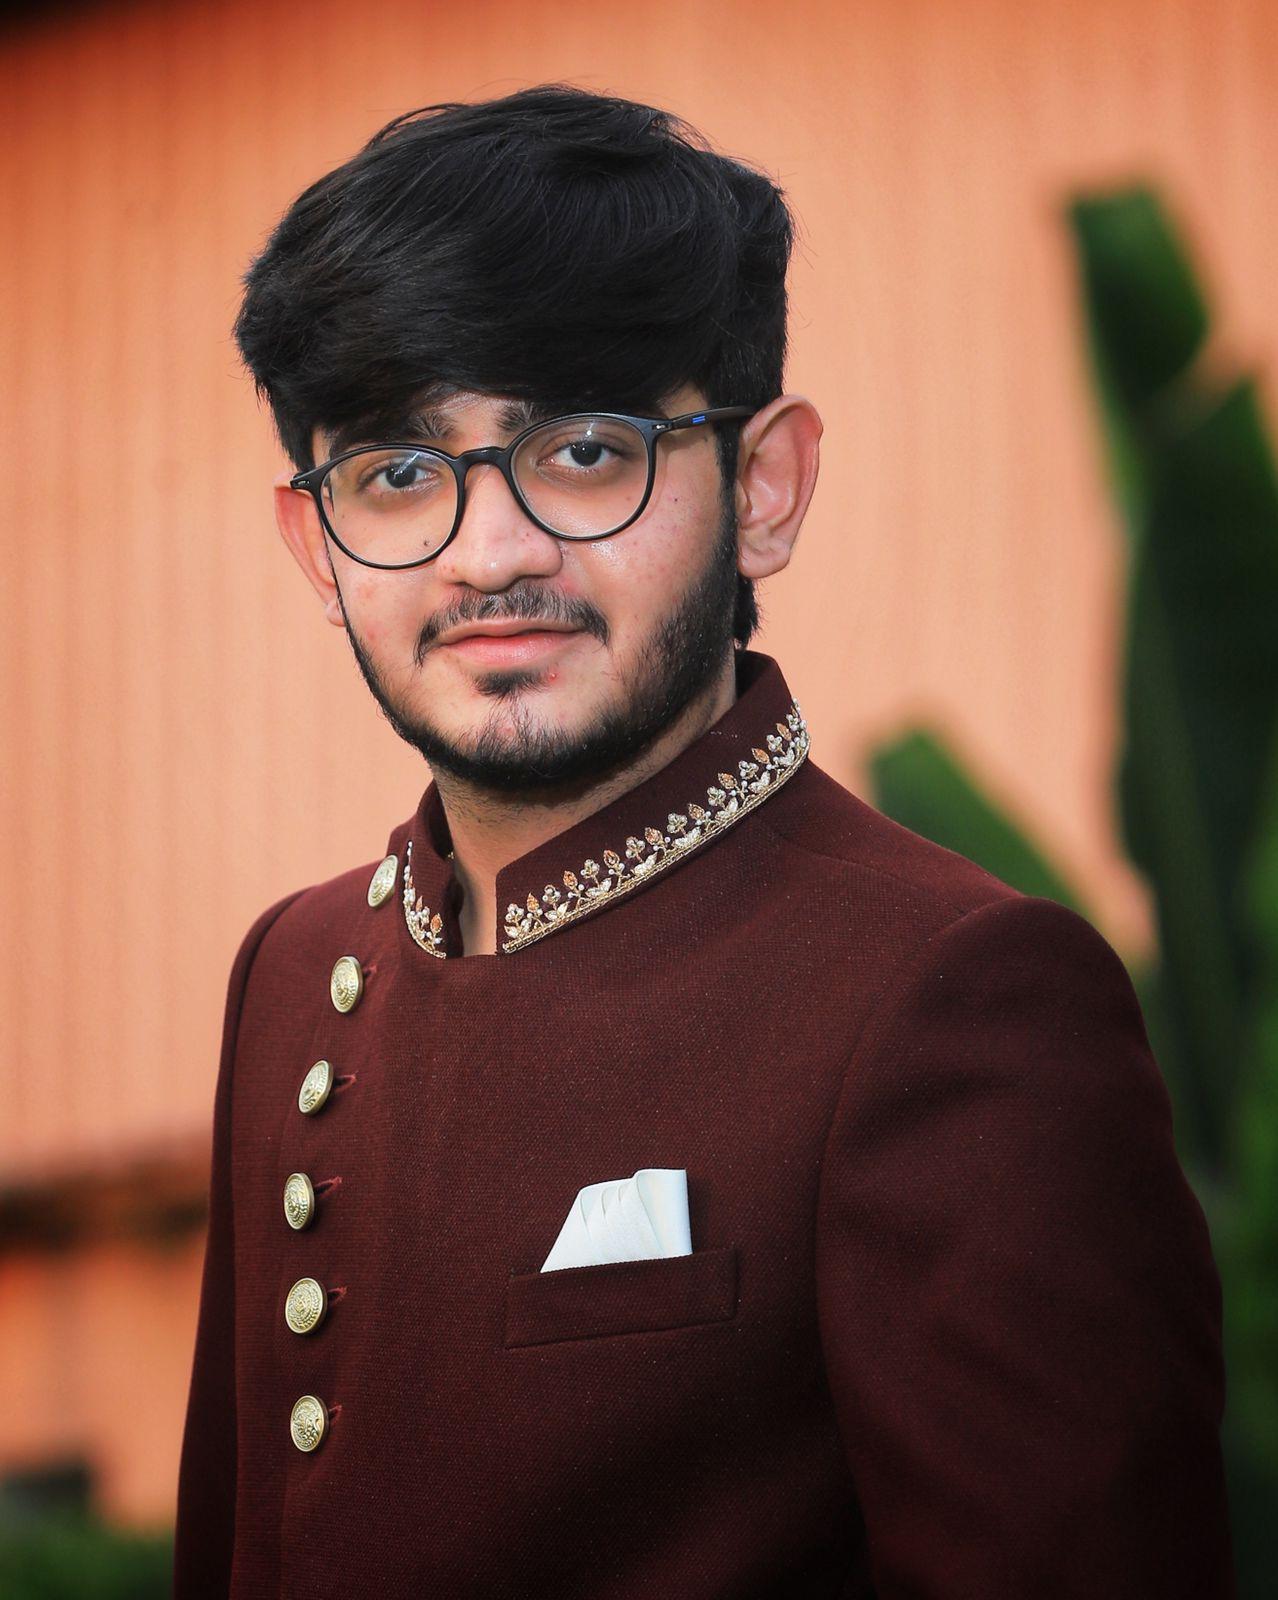 Mr. Manav Kheni